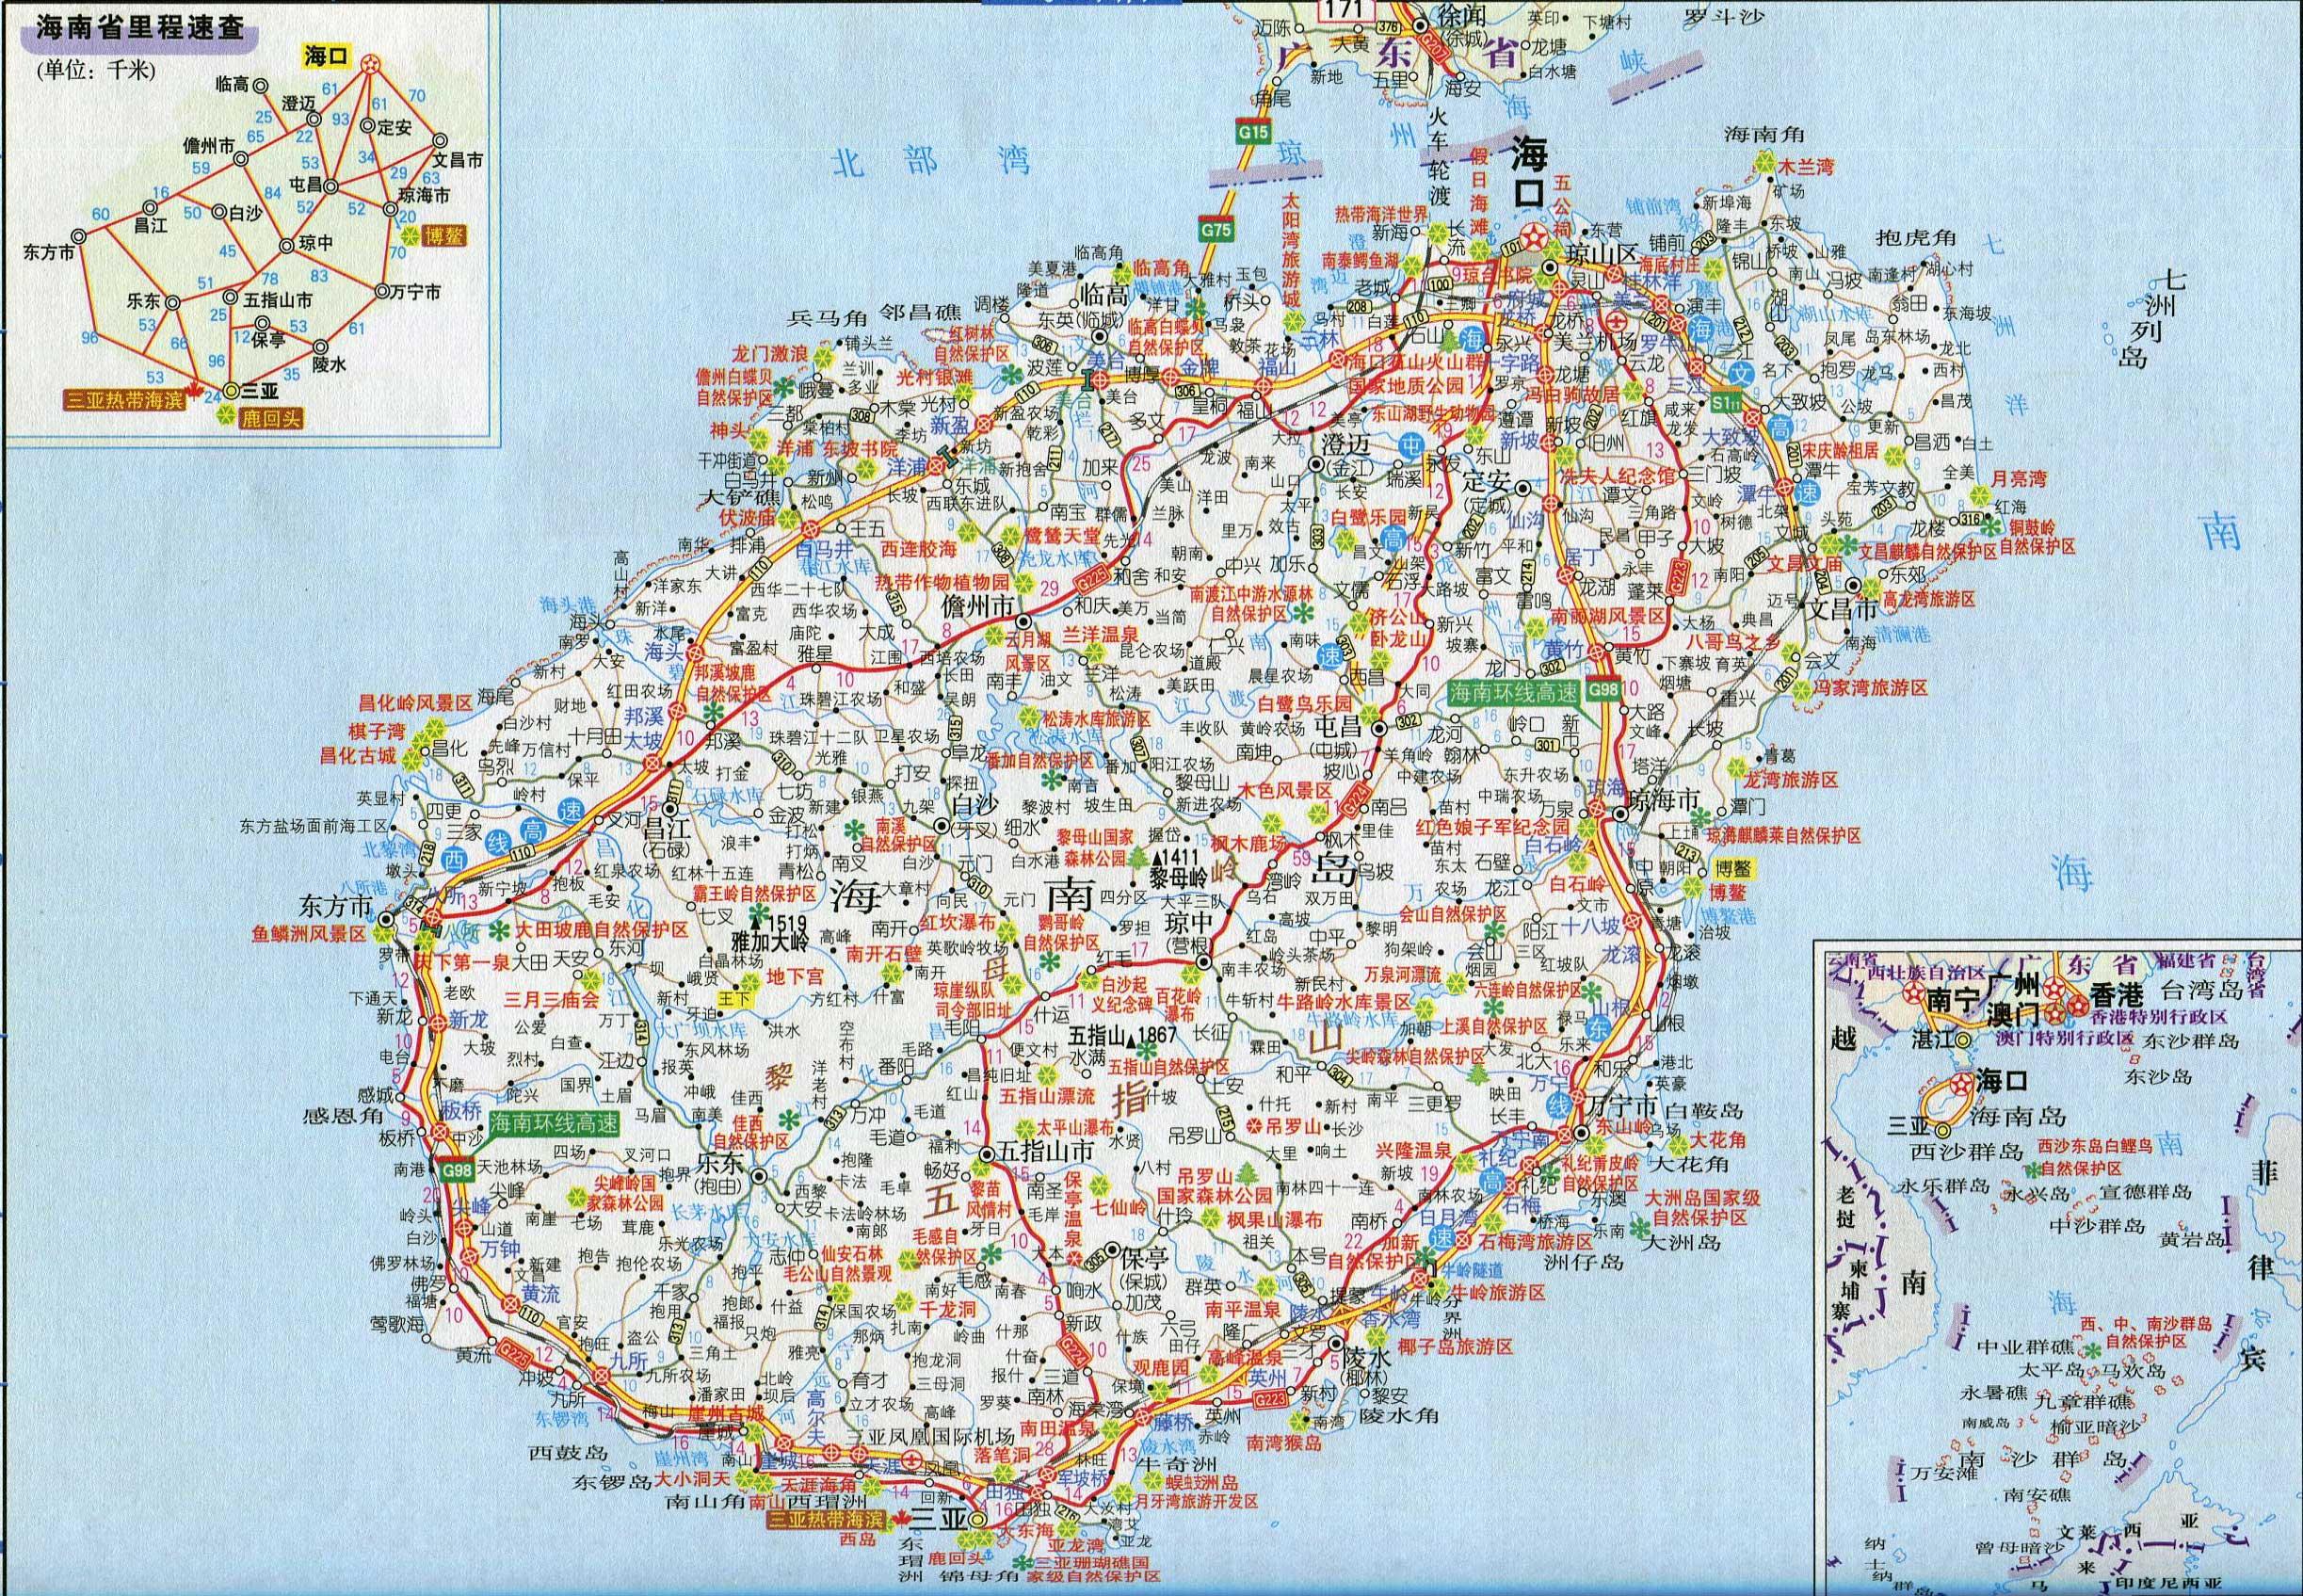 沈阳地图全图高清版本